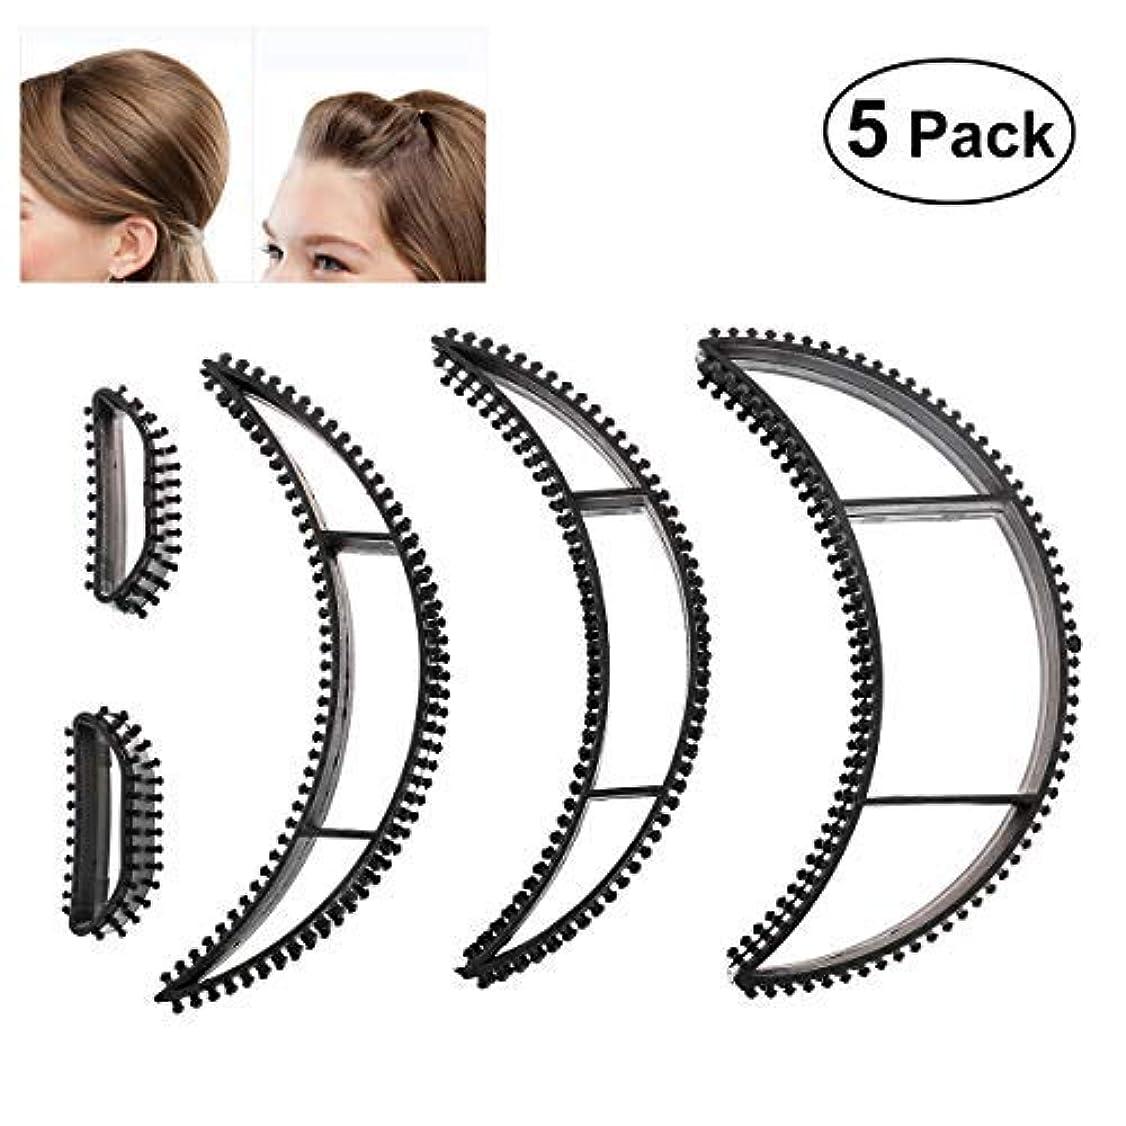 東部ながら添付Tinksky Big Bumpits Happie Hair Volumizing Inserts Hair Pump Beauty Set Tool Gift,Pack of 5 (Black) [並行輸入品]